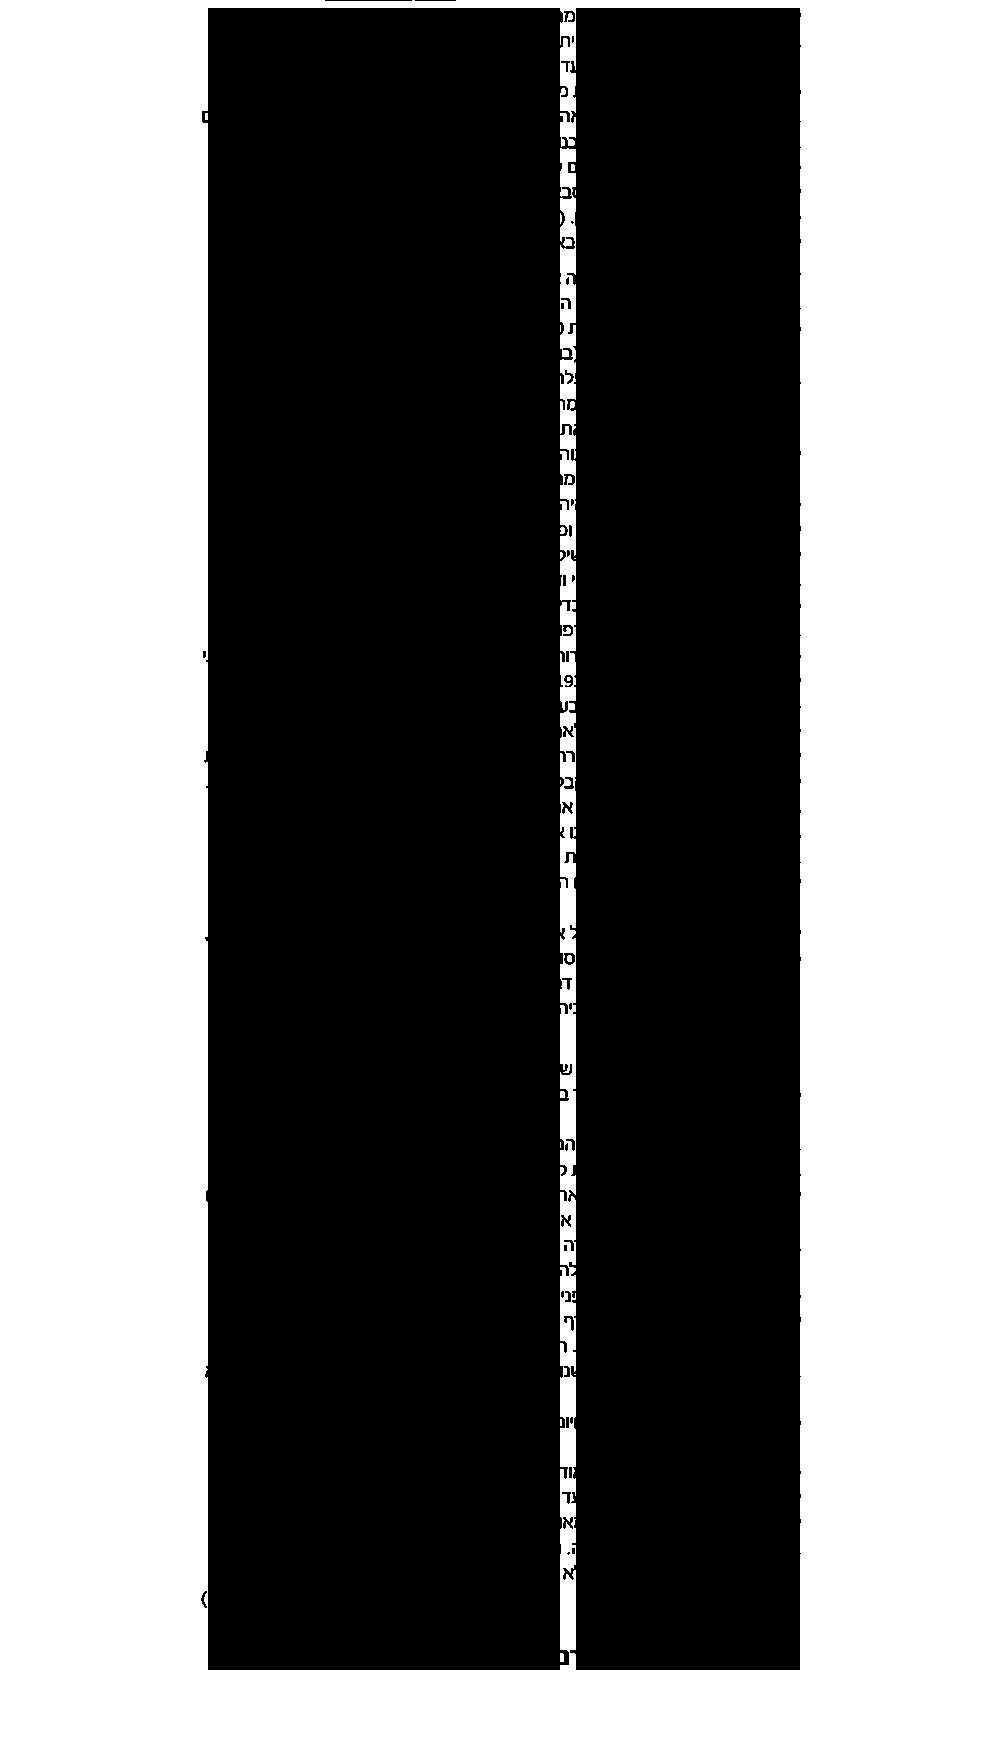 טקסט על דבורה צחר